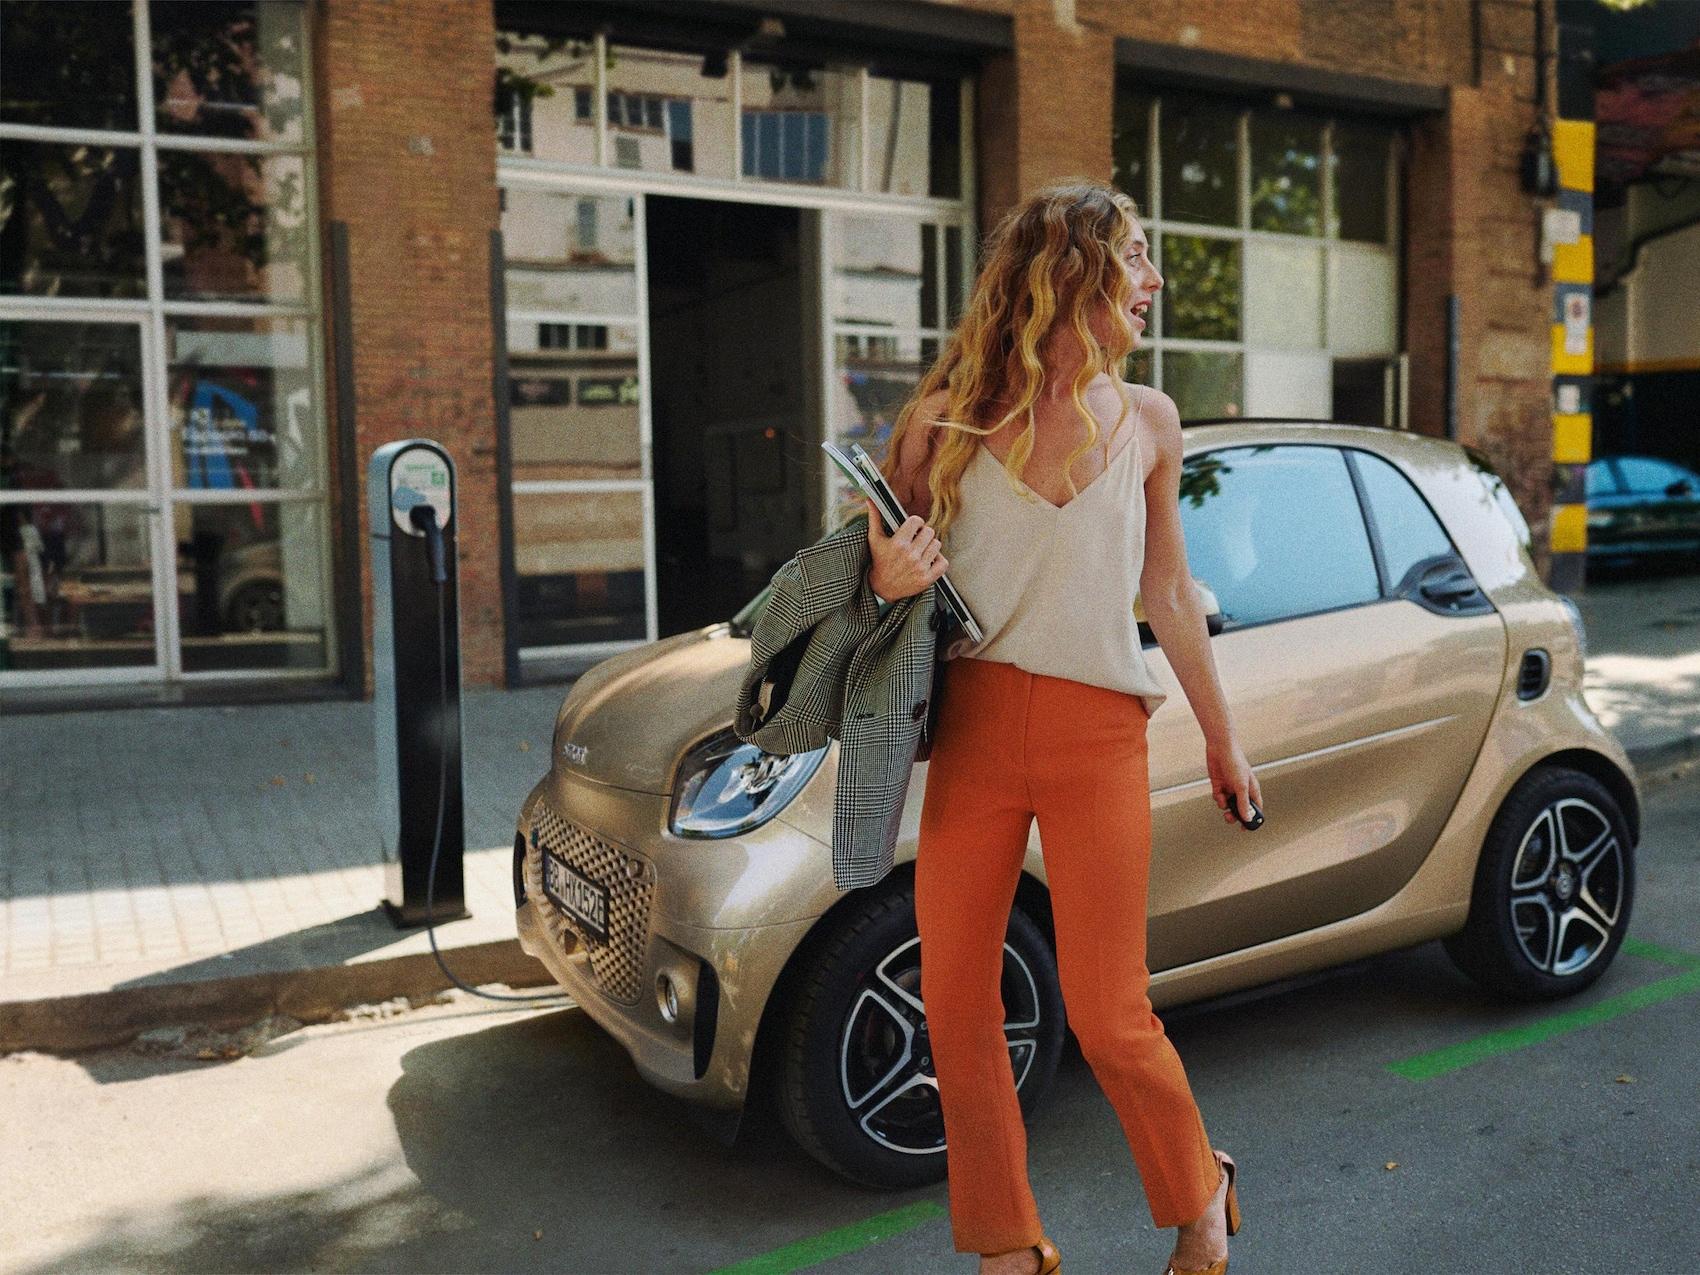 smart EQ fortwo na ulicy z pieszymi.